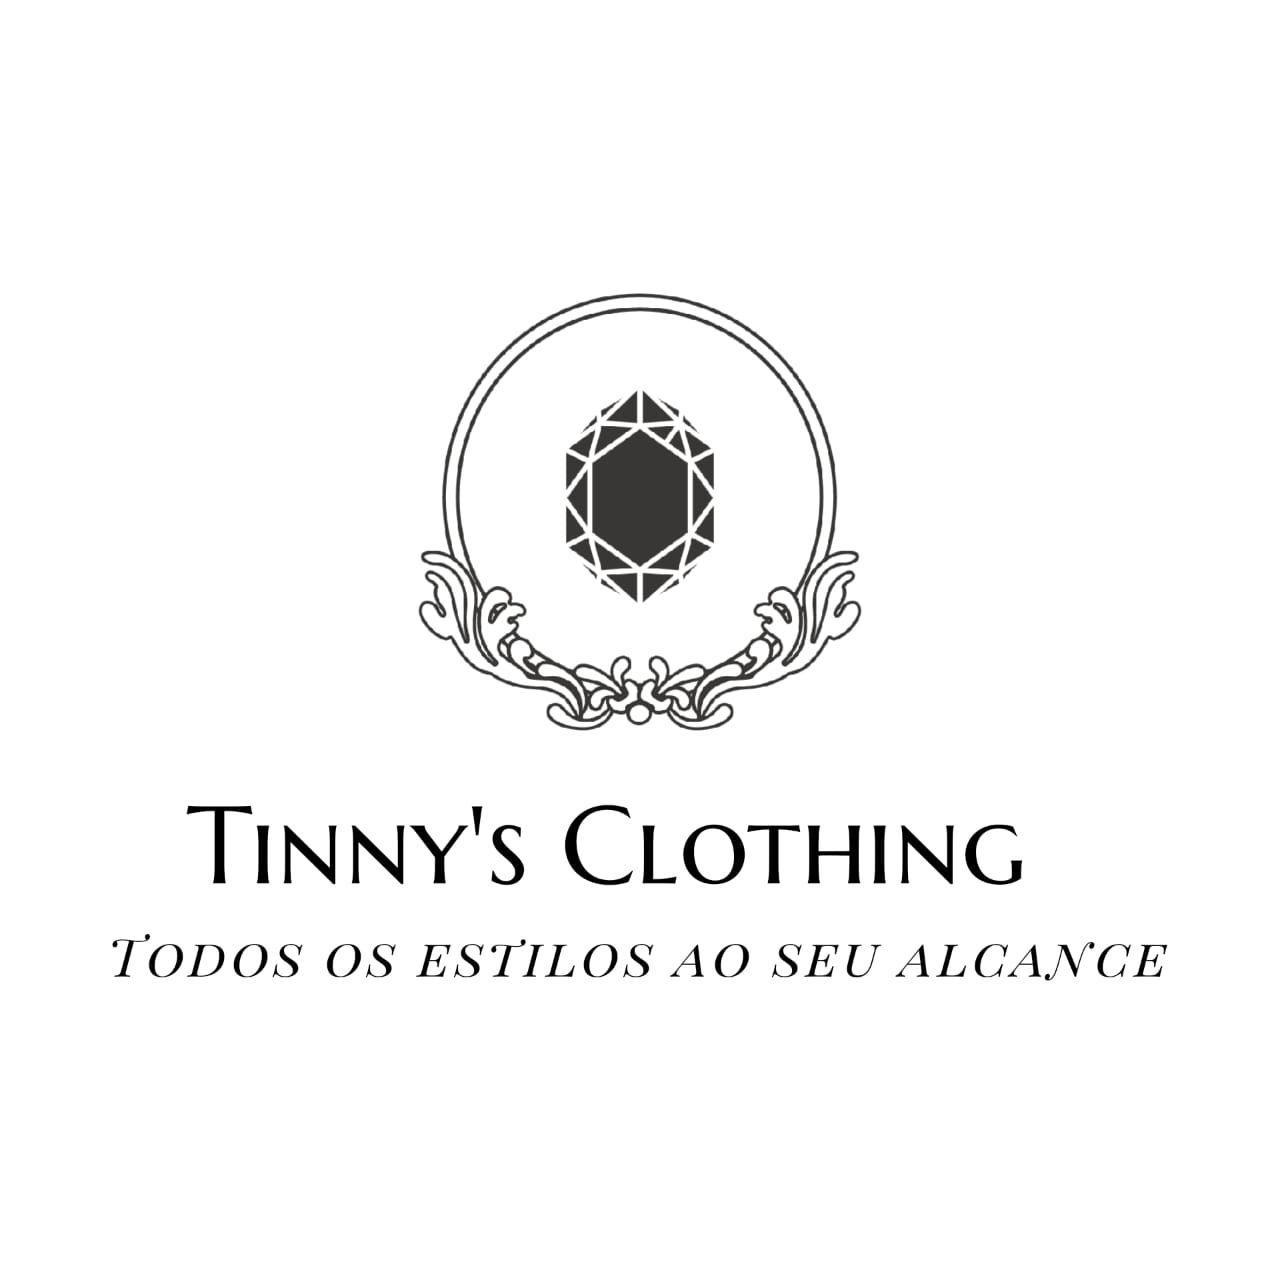 Tinnys Clothes